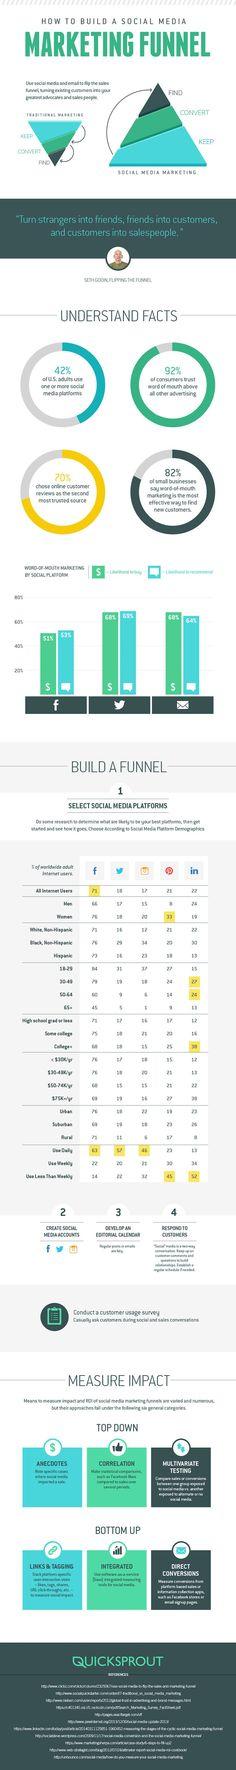 How to Build a Social Media Marketing Funnel #socialMedia #médiasSociaux